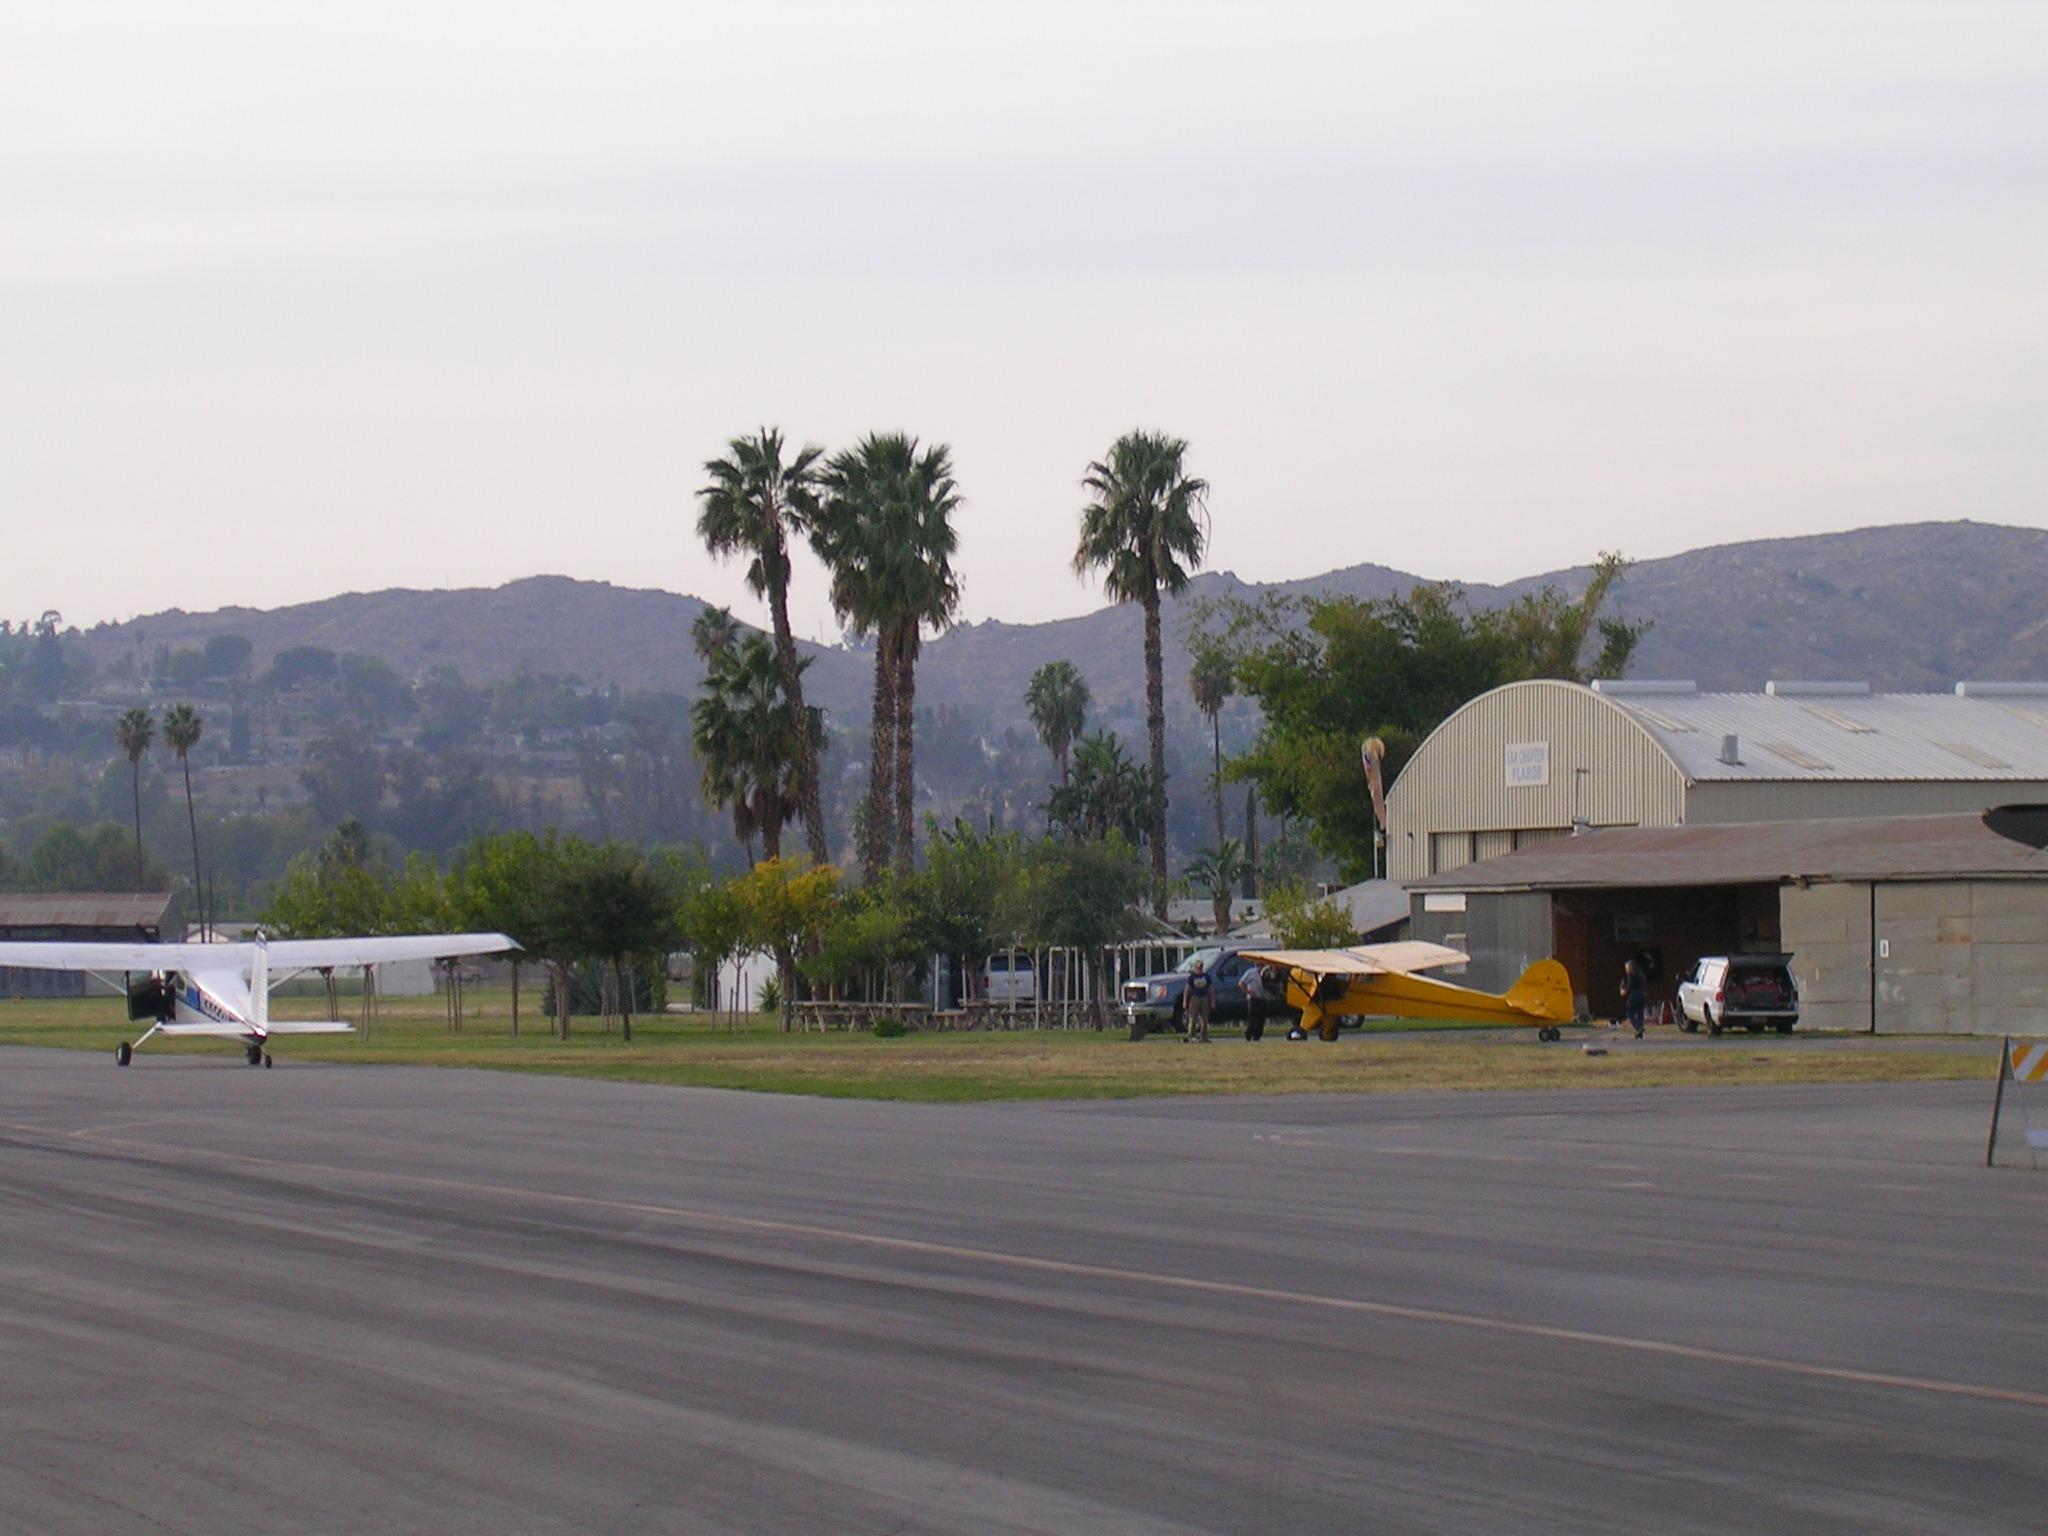 Flabob EAA hangar